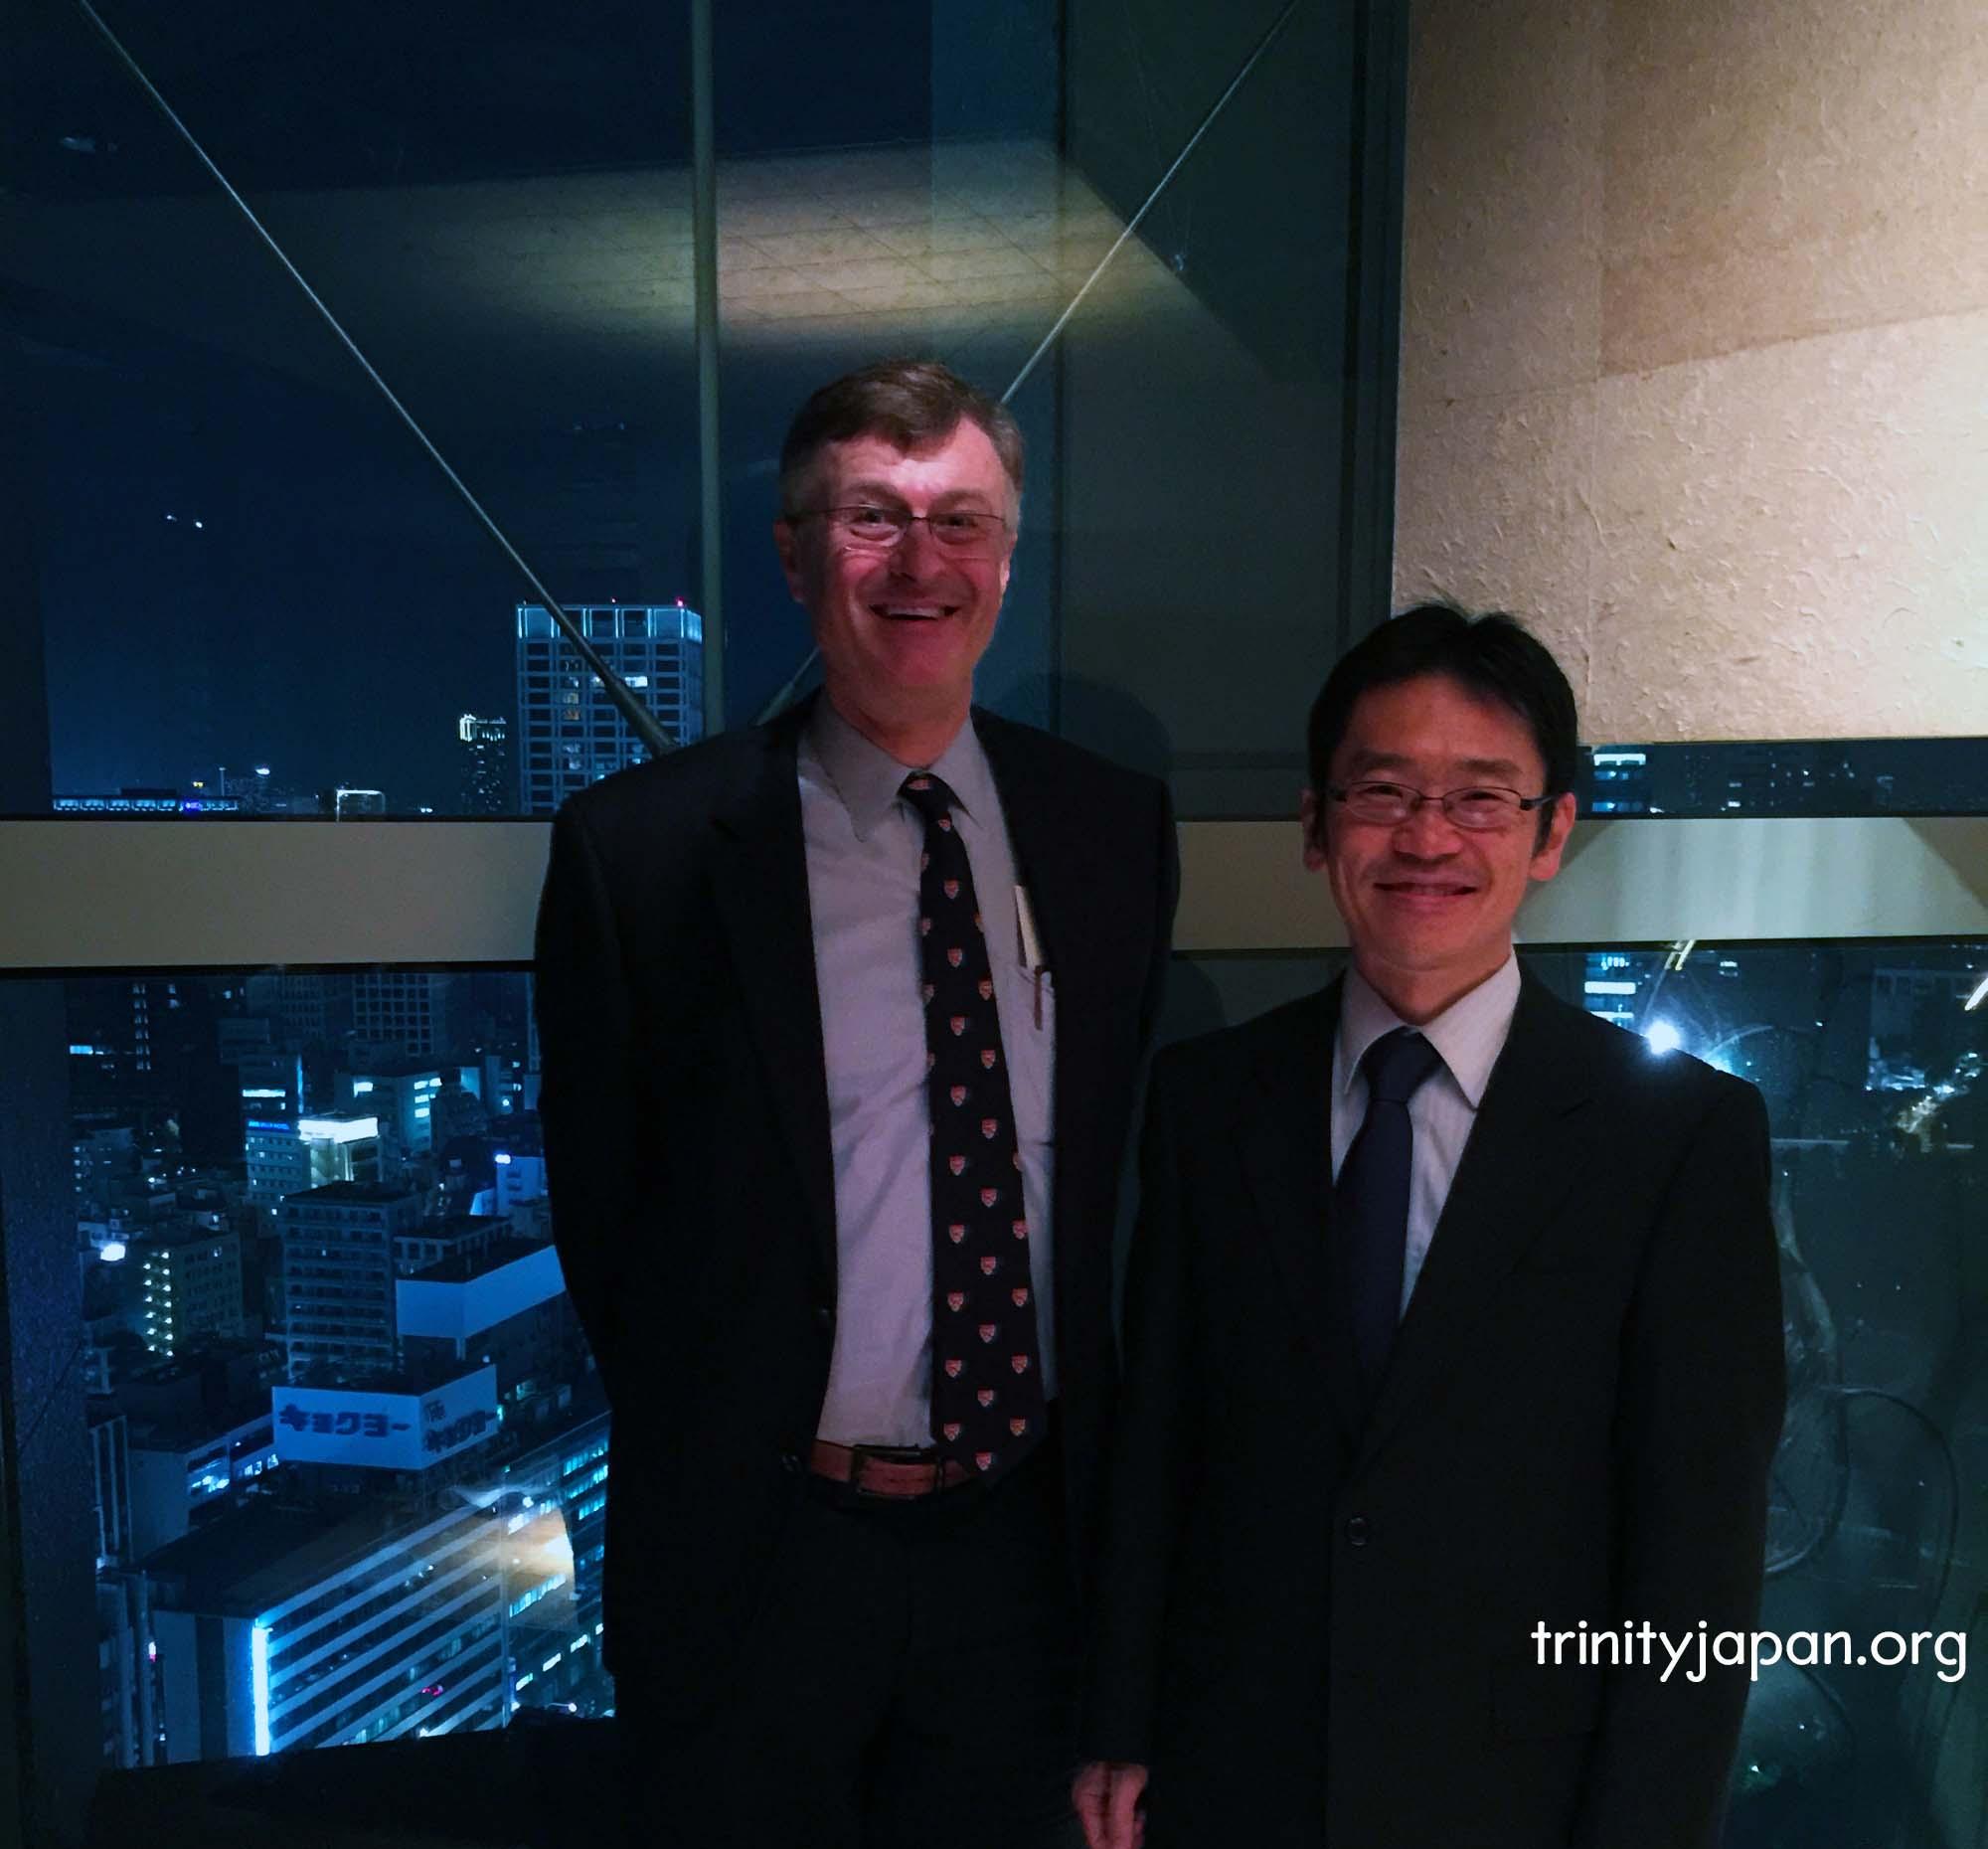 トリニティ・イン・ジャパン・ソサエティの第五回ミーティングは金曜日2015年11月20日